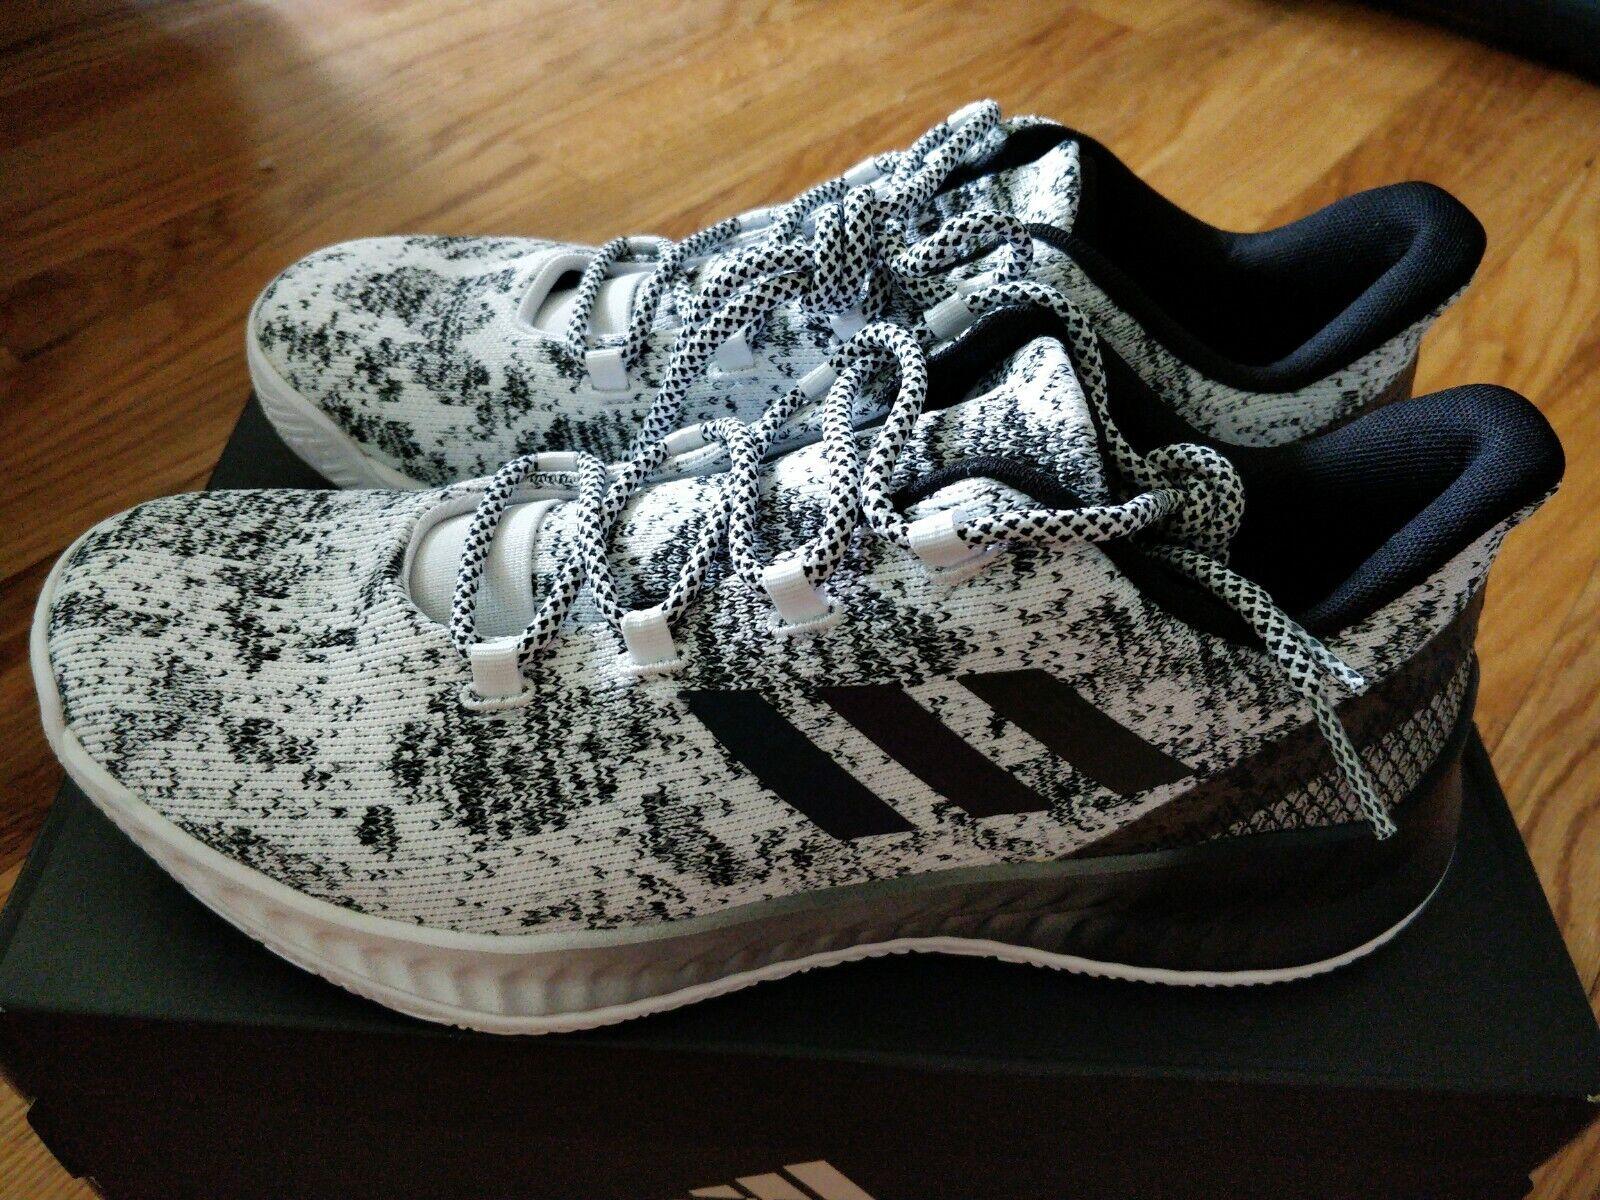 Mens Adidas Harden B  E X - Basketball  scarpe (Modello CG582) Dimensione 8.5 - Bianco  Blk  spedizione veloce in tutto il mondo